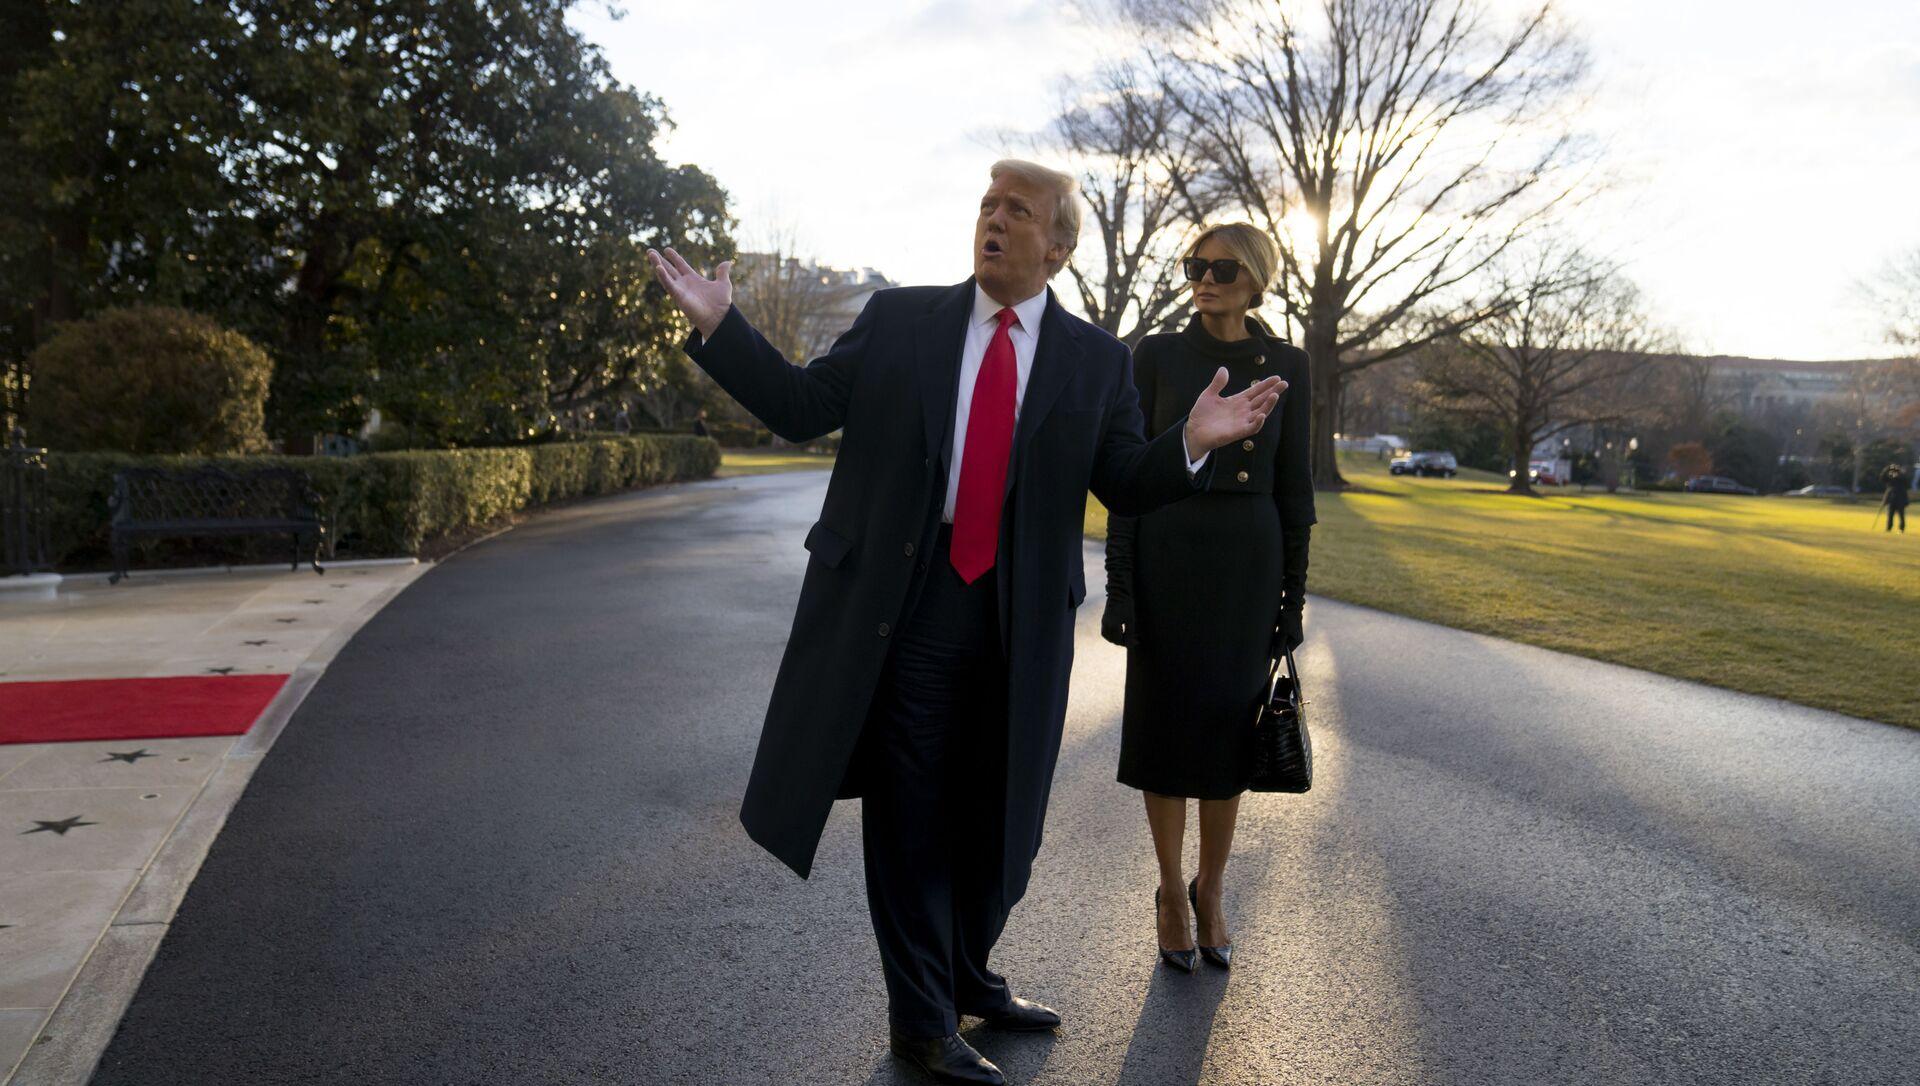 Donald a Melania Trumpová opouštějí Bílý dům - Sputnik Česká republika, 1920, 01.02.2021